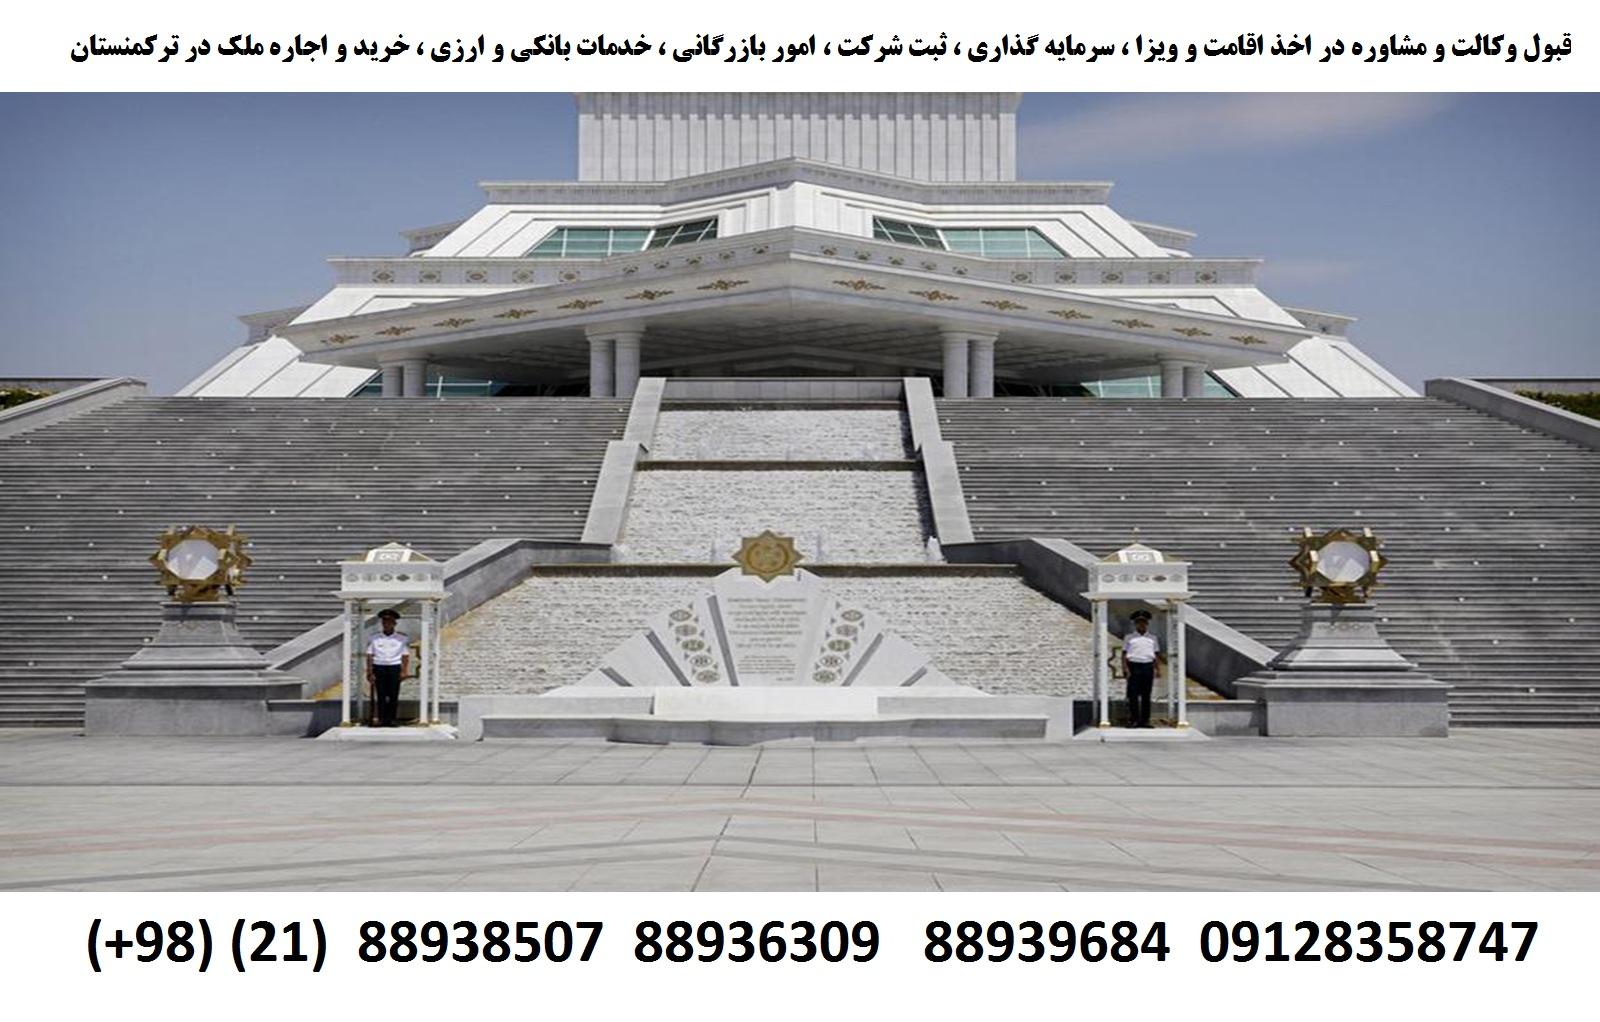 اقامت ، ویزا ، ثبت شرکت ، سرمایه گذاری در ترکمنستان (7)